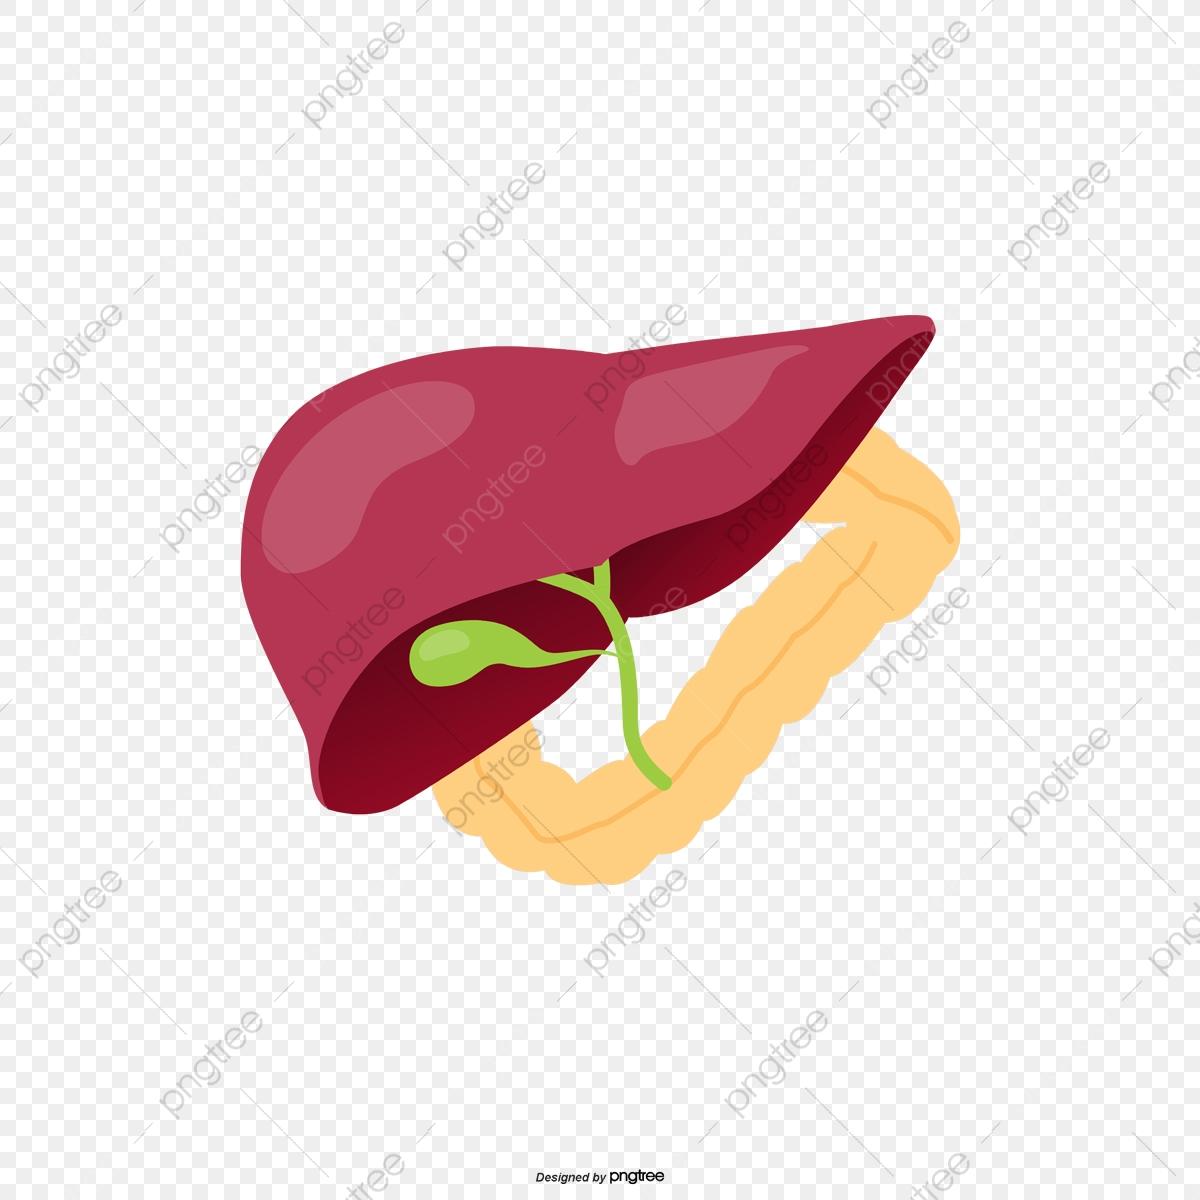 órganos Humanos Hígado Rojo Oscuro, Cuerpo Humano, Organo, Hígado.